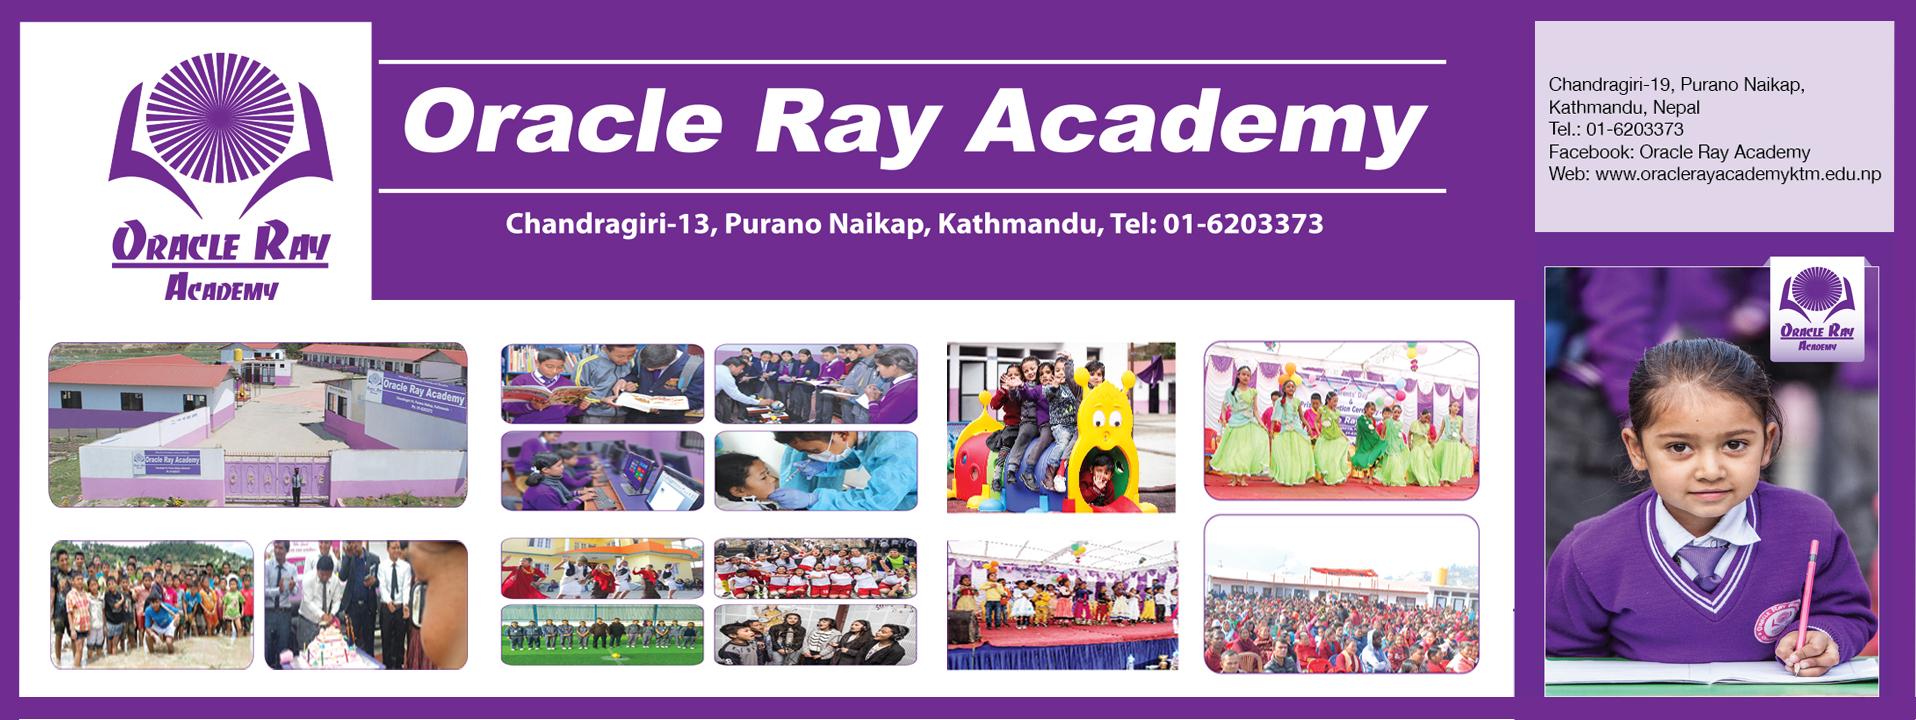 Chandragirinews oracalray बालबालिका तथा महिलाको उद्दार अपराध नगरपालिका ब्रेकिंग न्युज    chandragiri